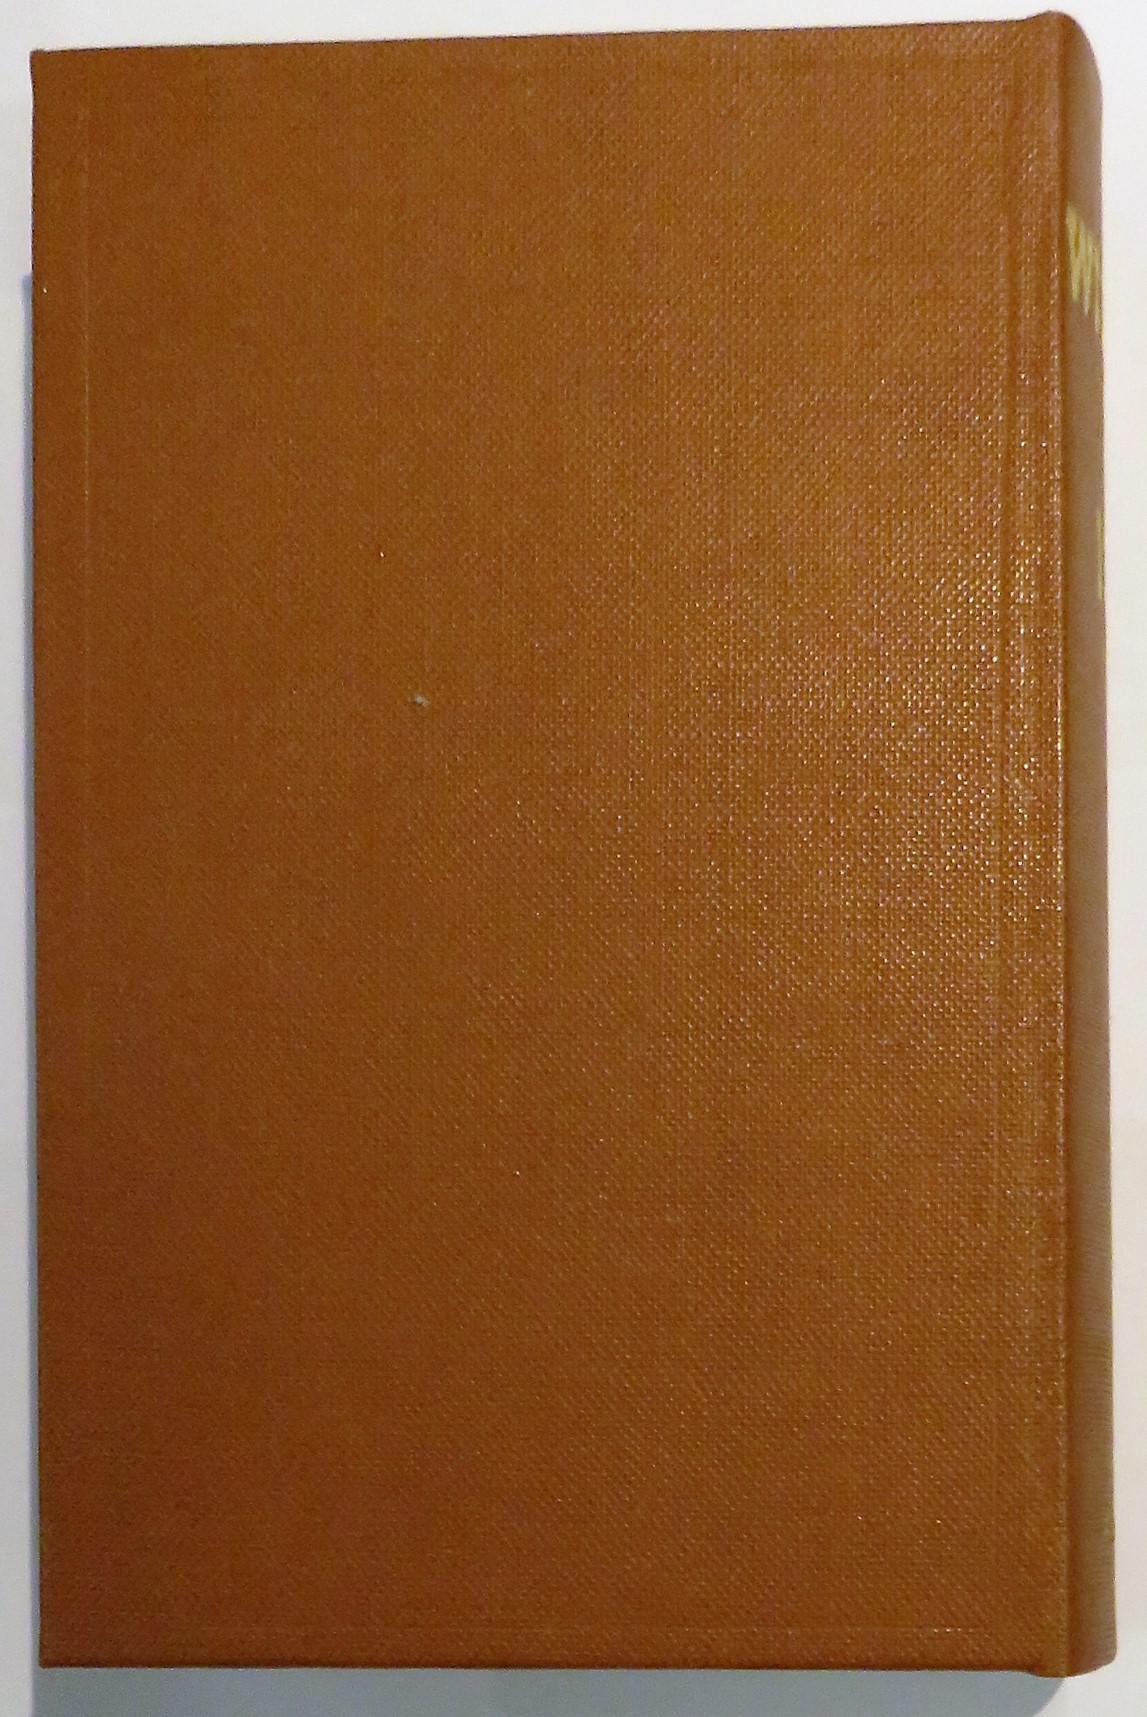 **Wisden Cricketers' Almanack 1905**